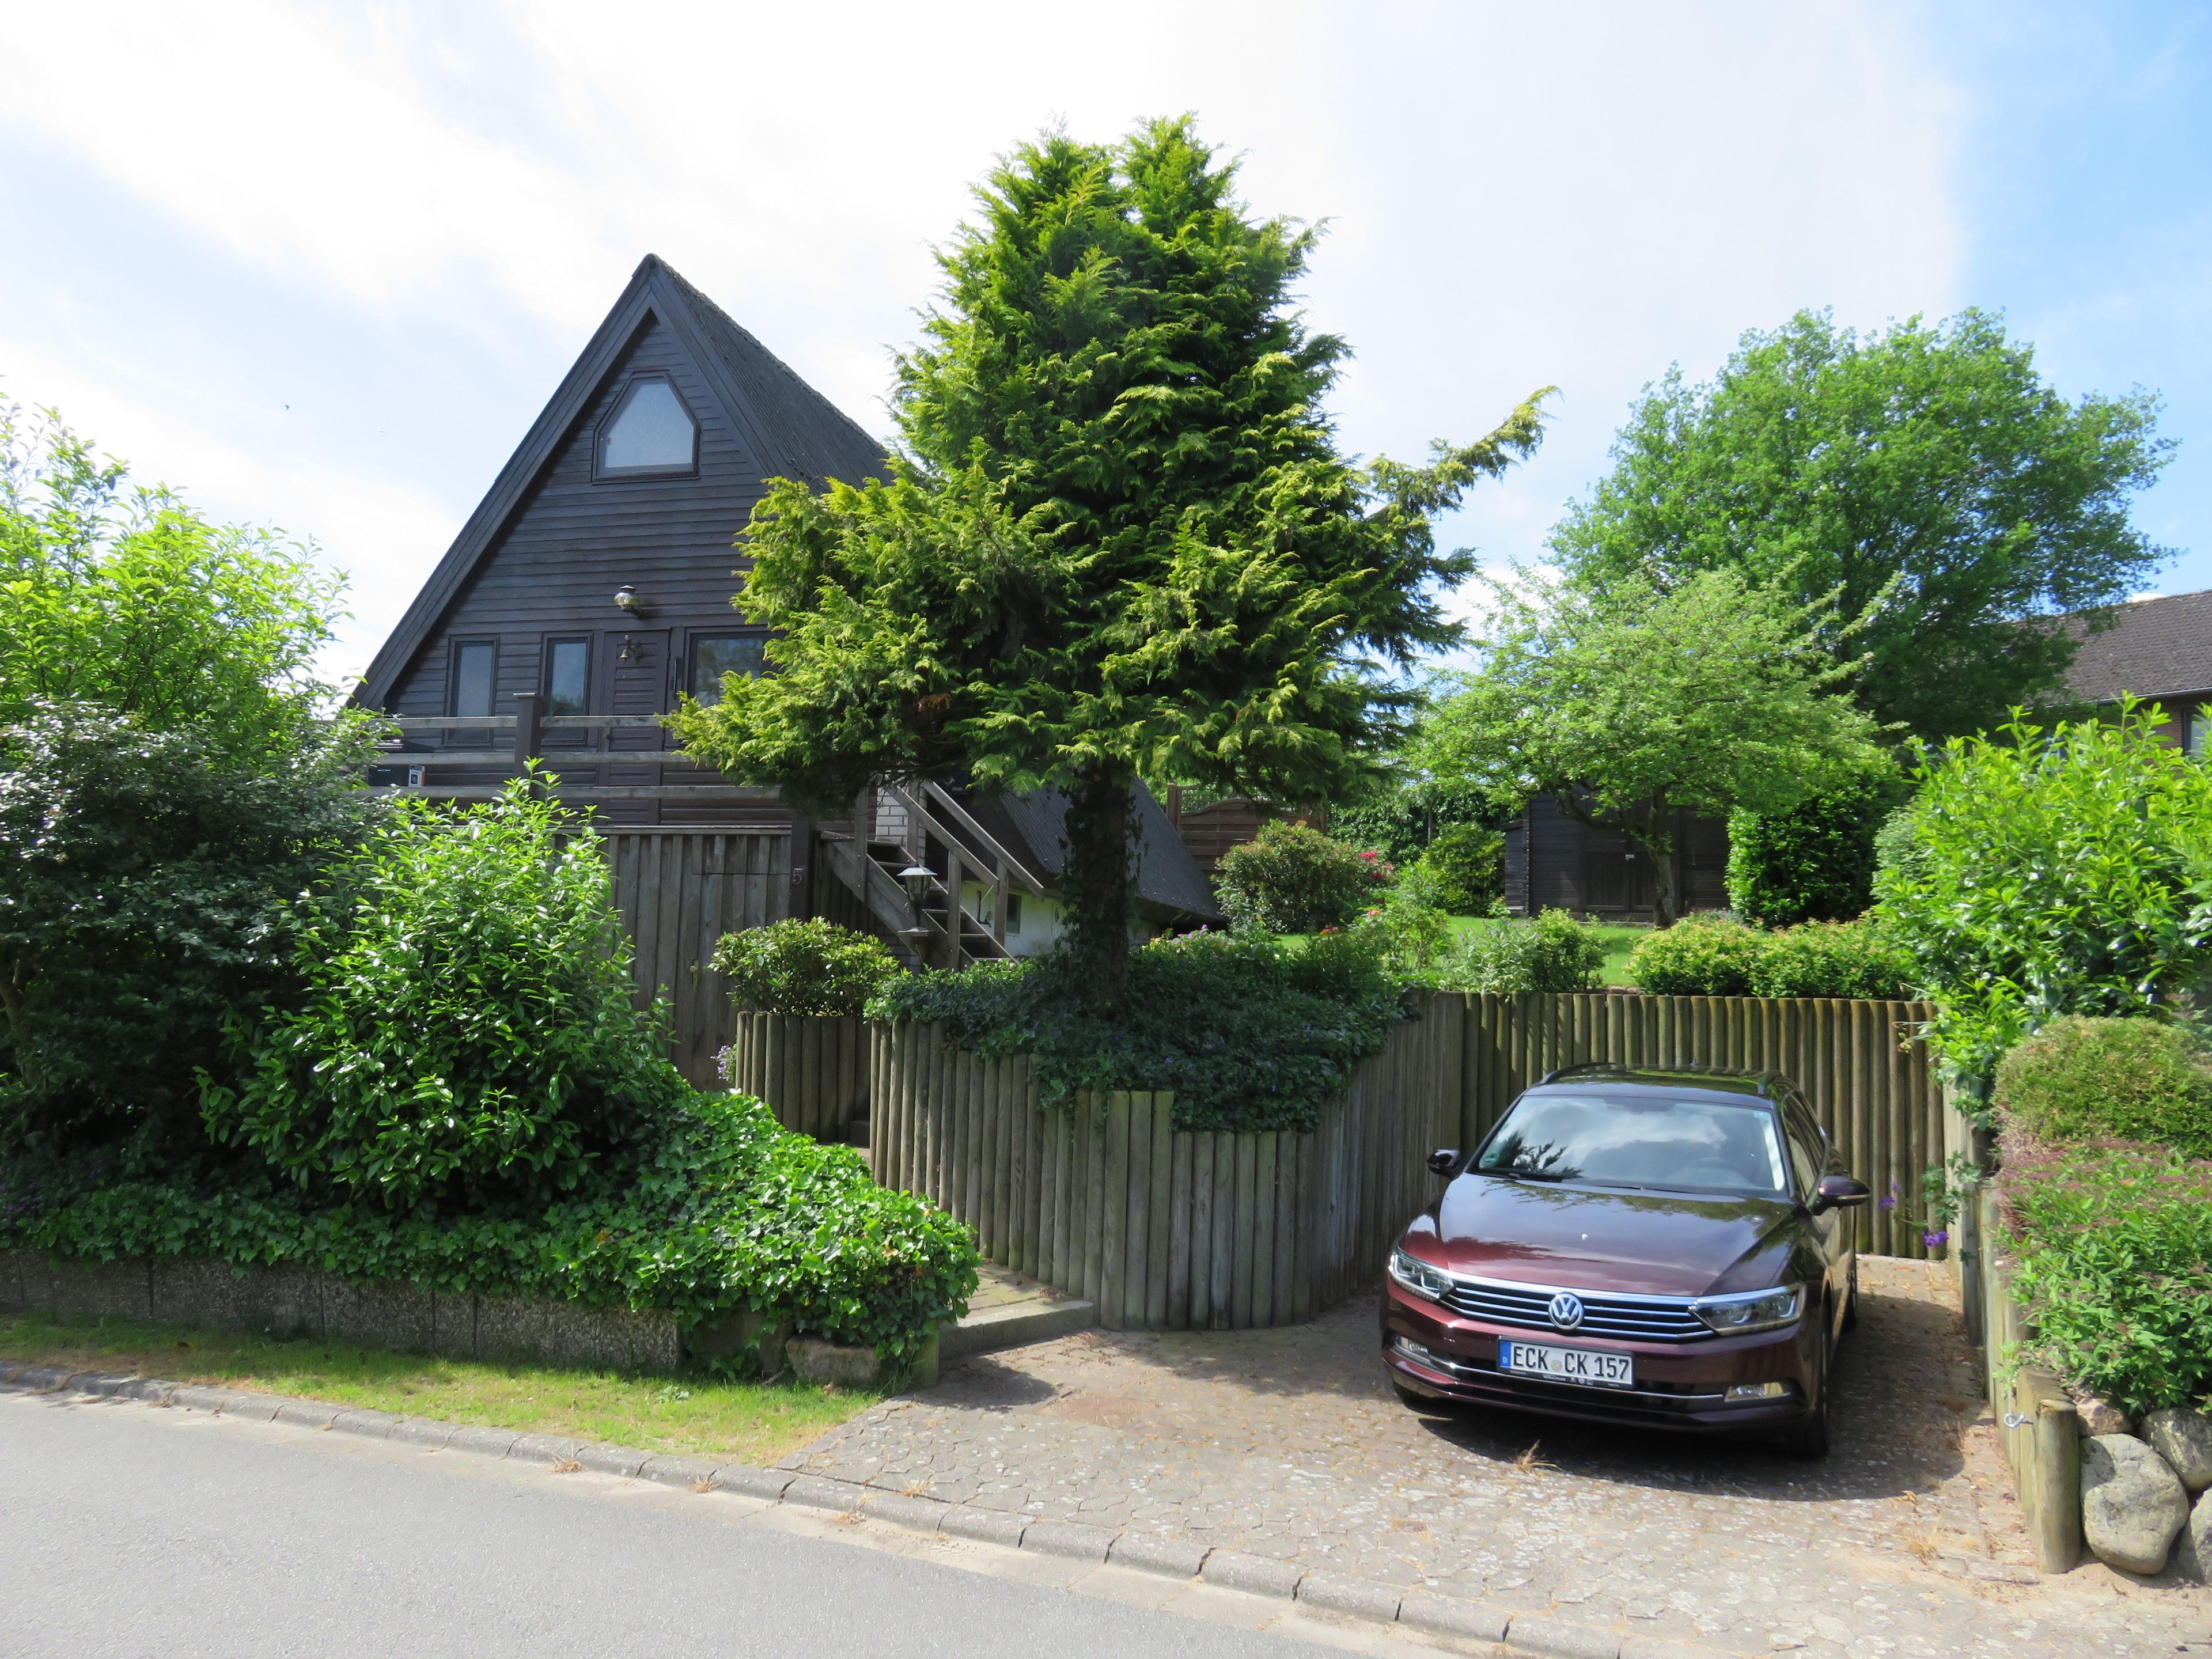 Ferienhaus Frietied am Wittensee (2730908), Bünsdorf, Schleswig-Holstein Binnenland, Schleswig-Holstein, Deutschland, Bild 11